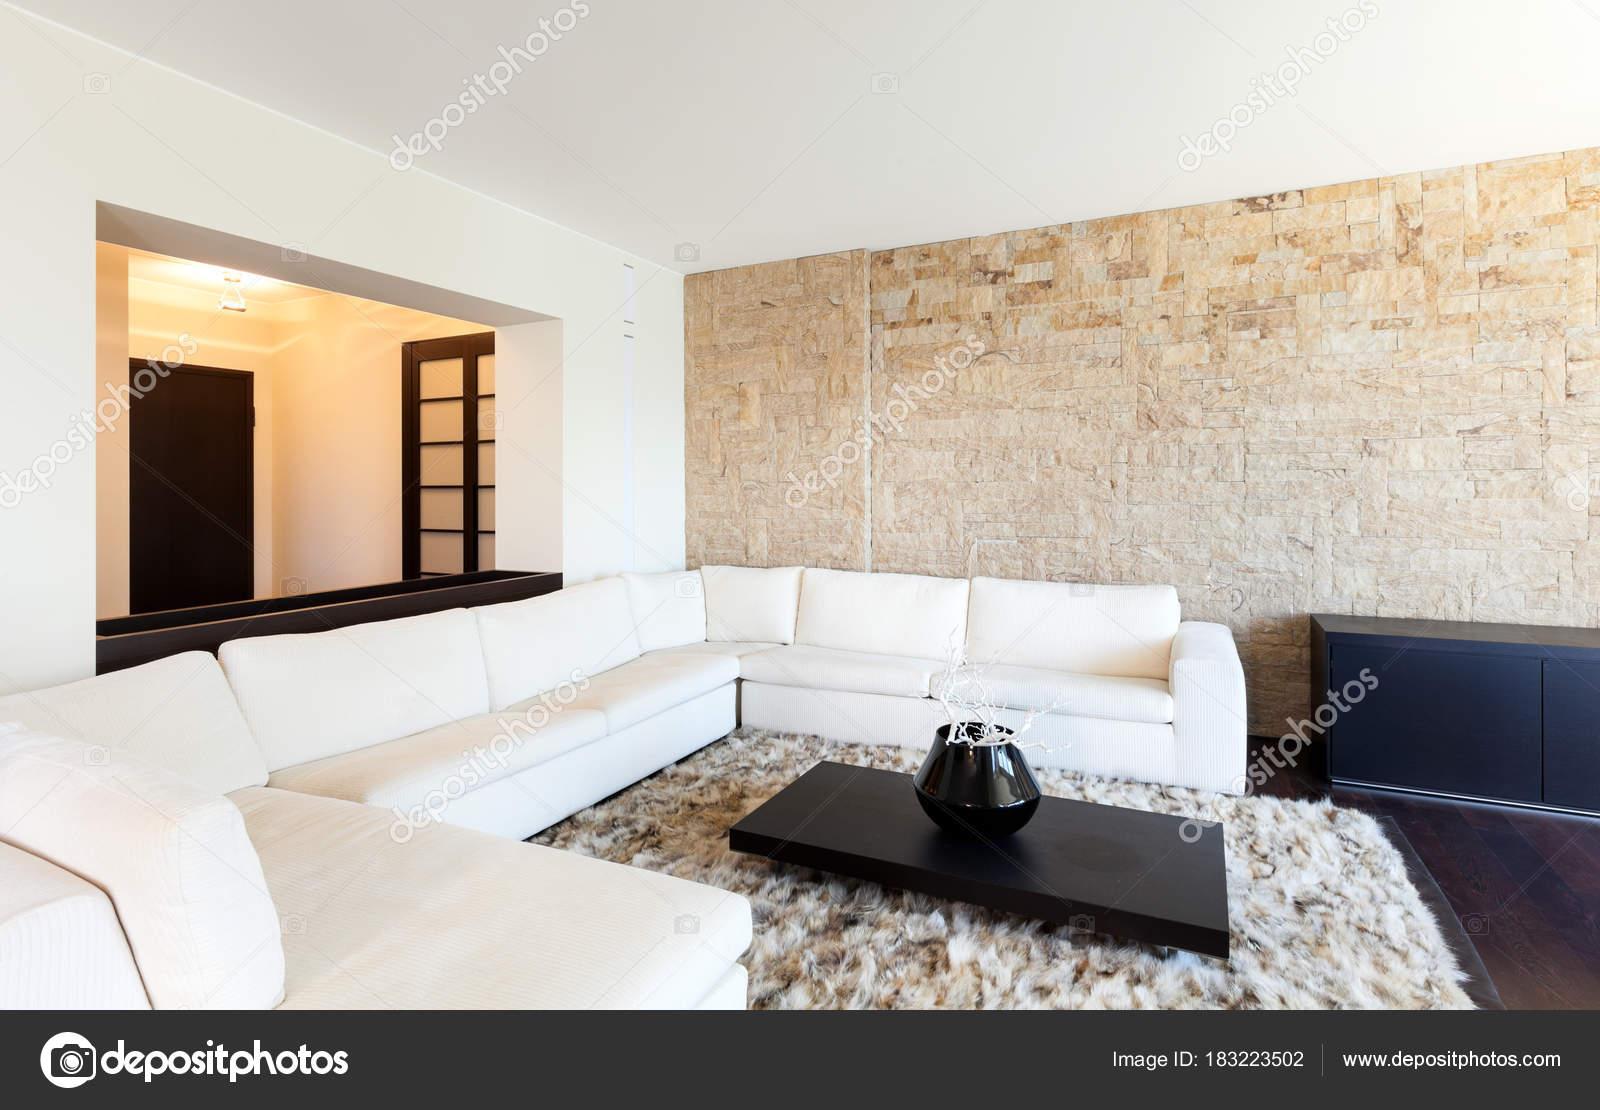 Architettura d 39 interni appartamento design foto stock for Appartamento design interni